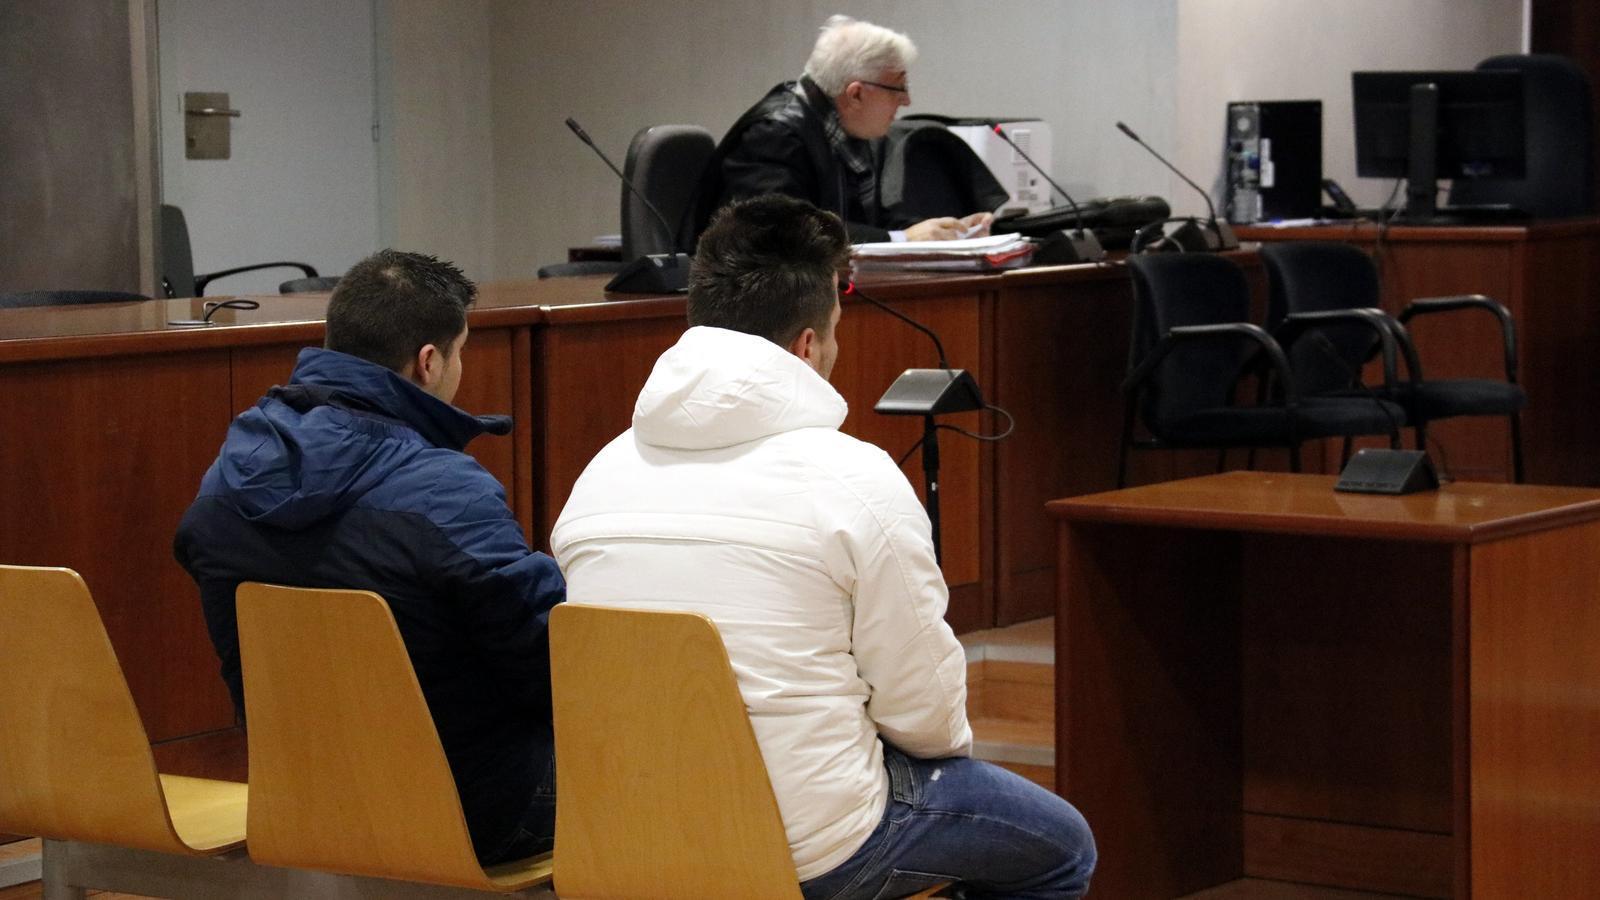 Condemna de dos anys de presó per abusar en grup d'una noia amb intel·ligència límit a Lleida